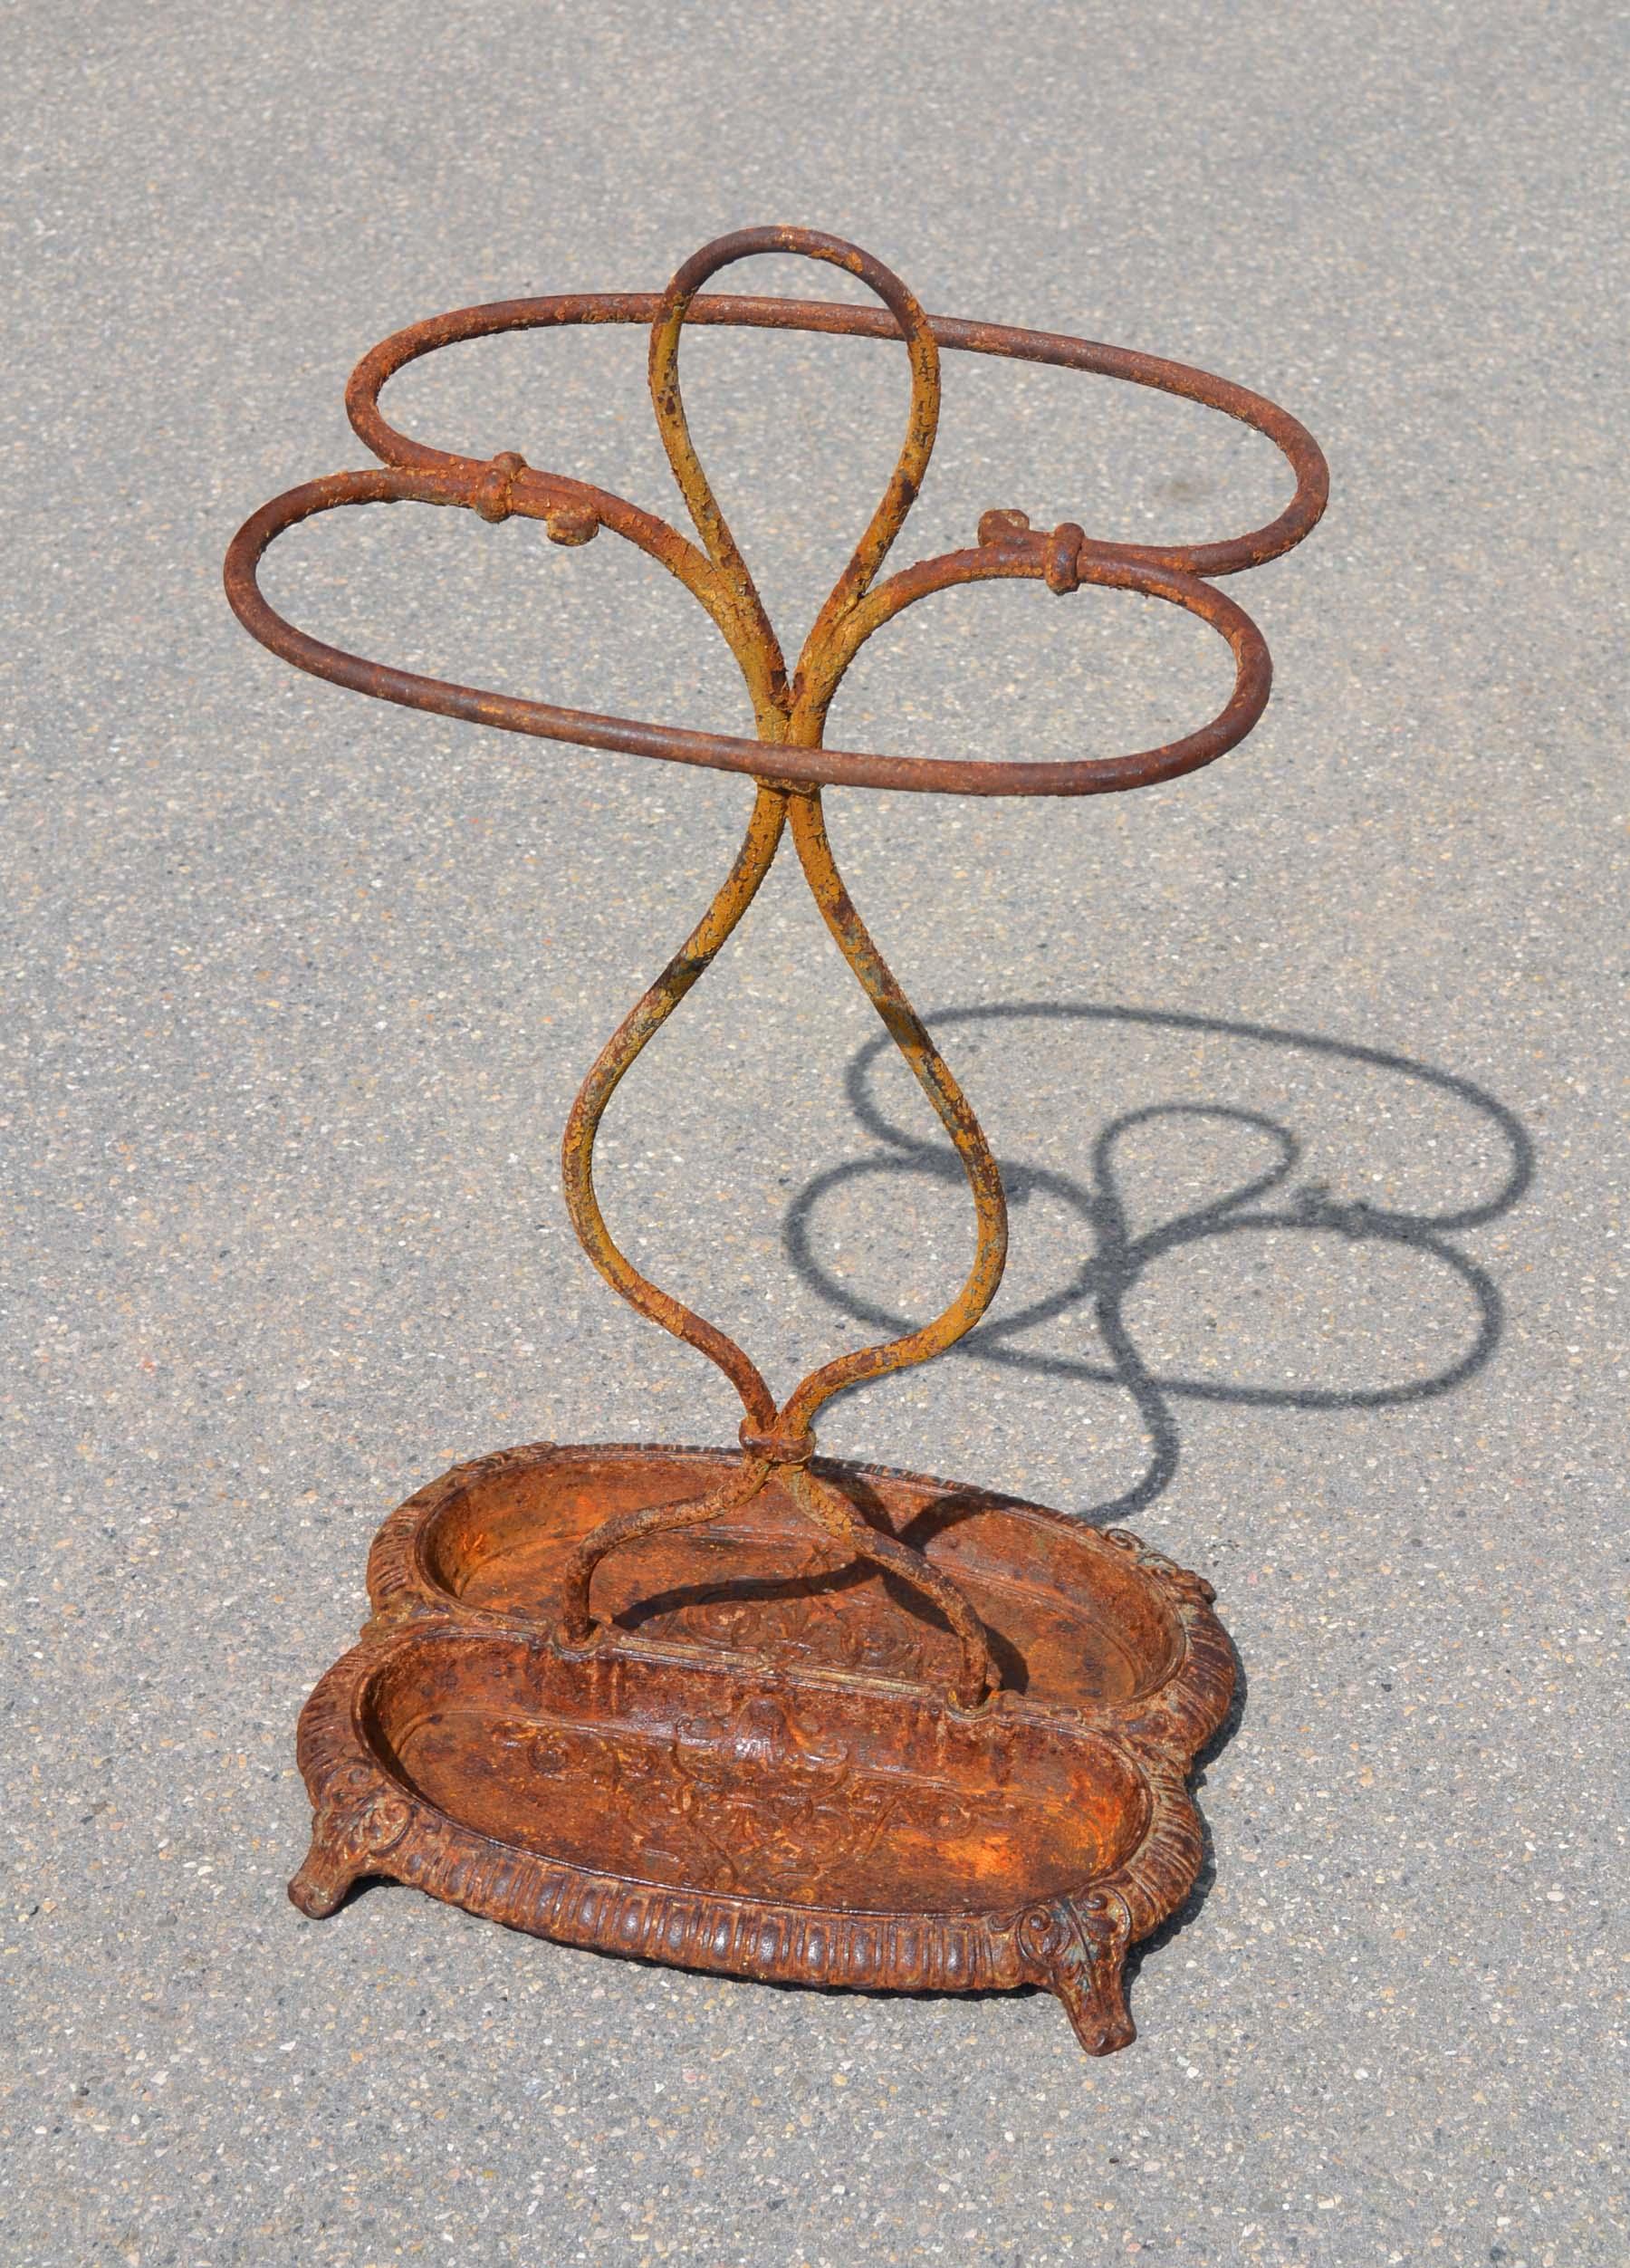 La brocante traditionnelle les objets insolites les d cos th me - Objets les plus recherches en brocante ...